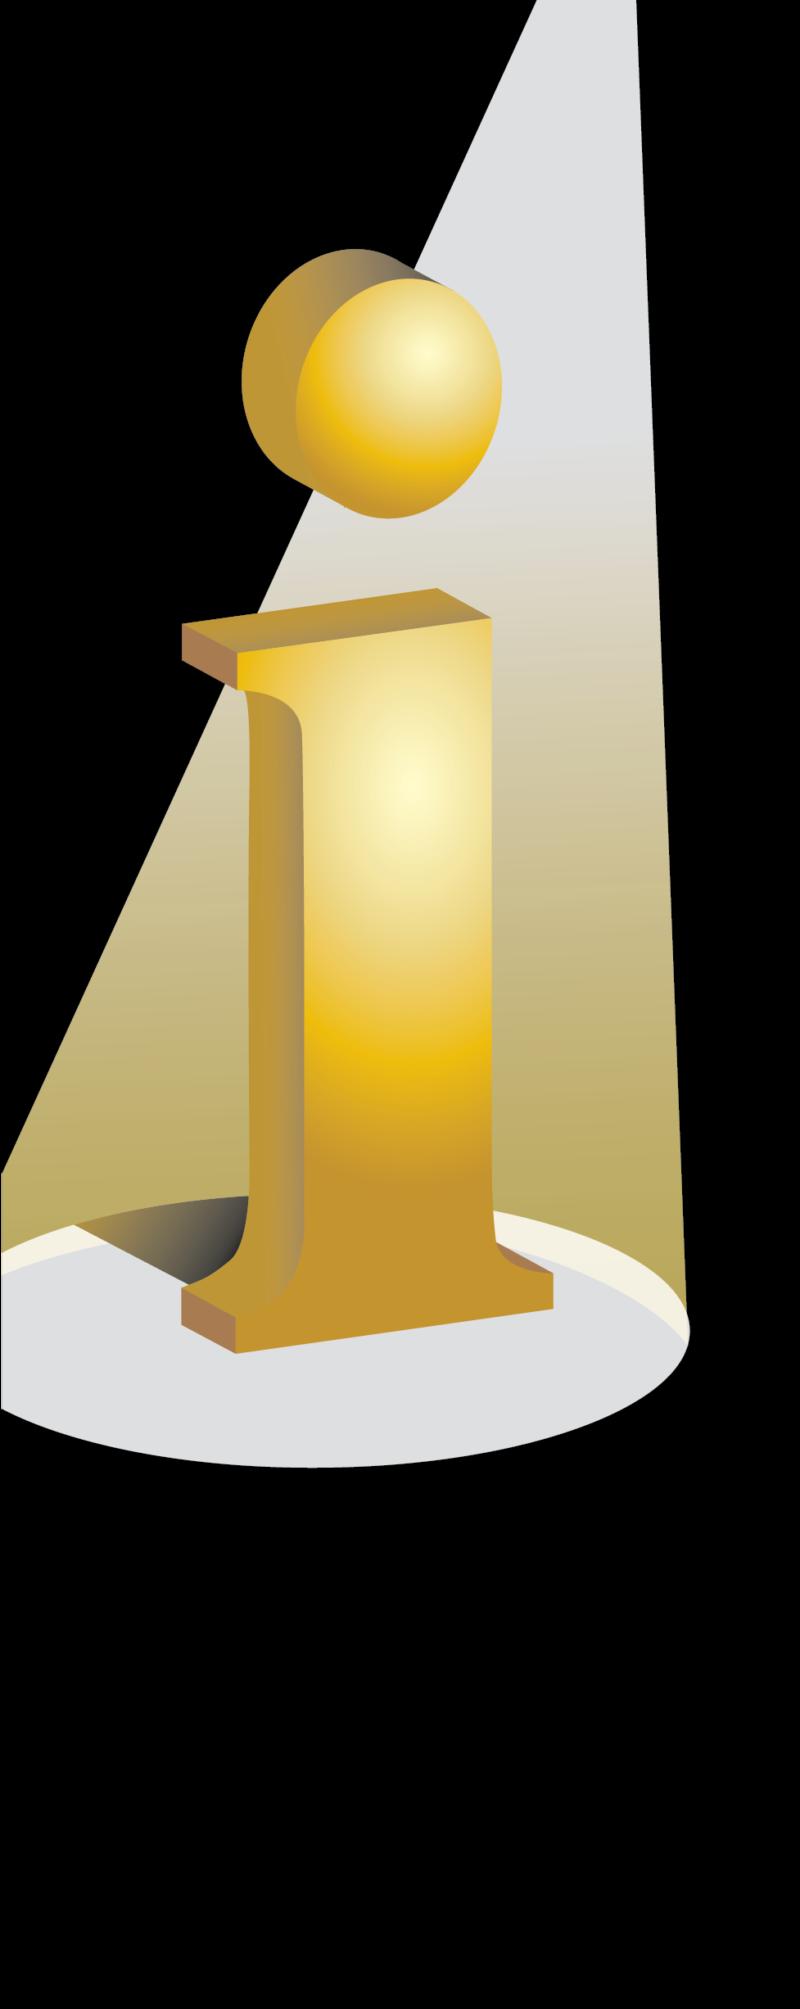 https://www.biasandiego.org/2017-icon-awards-2/